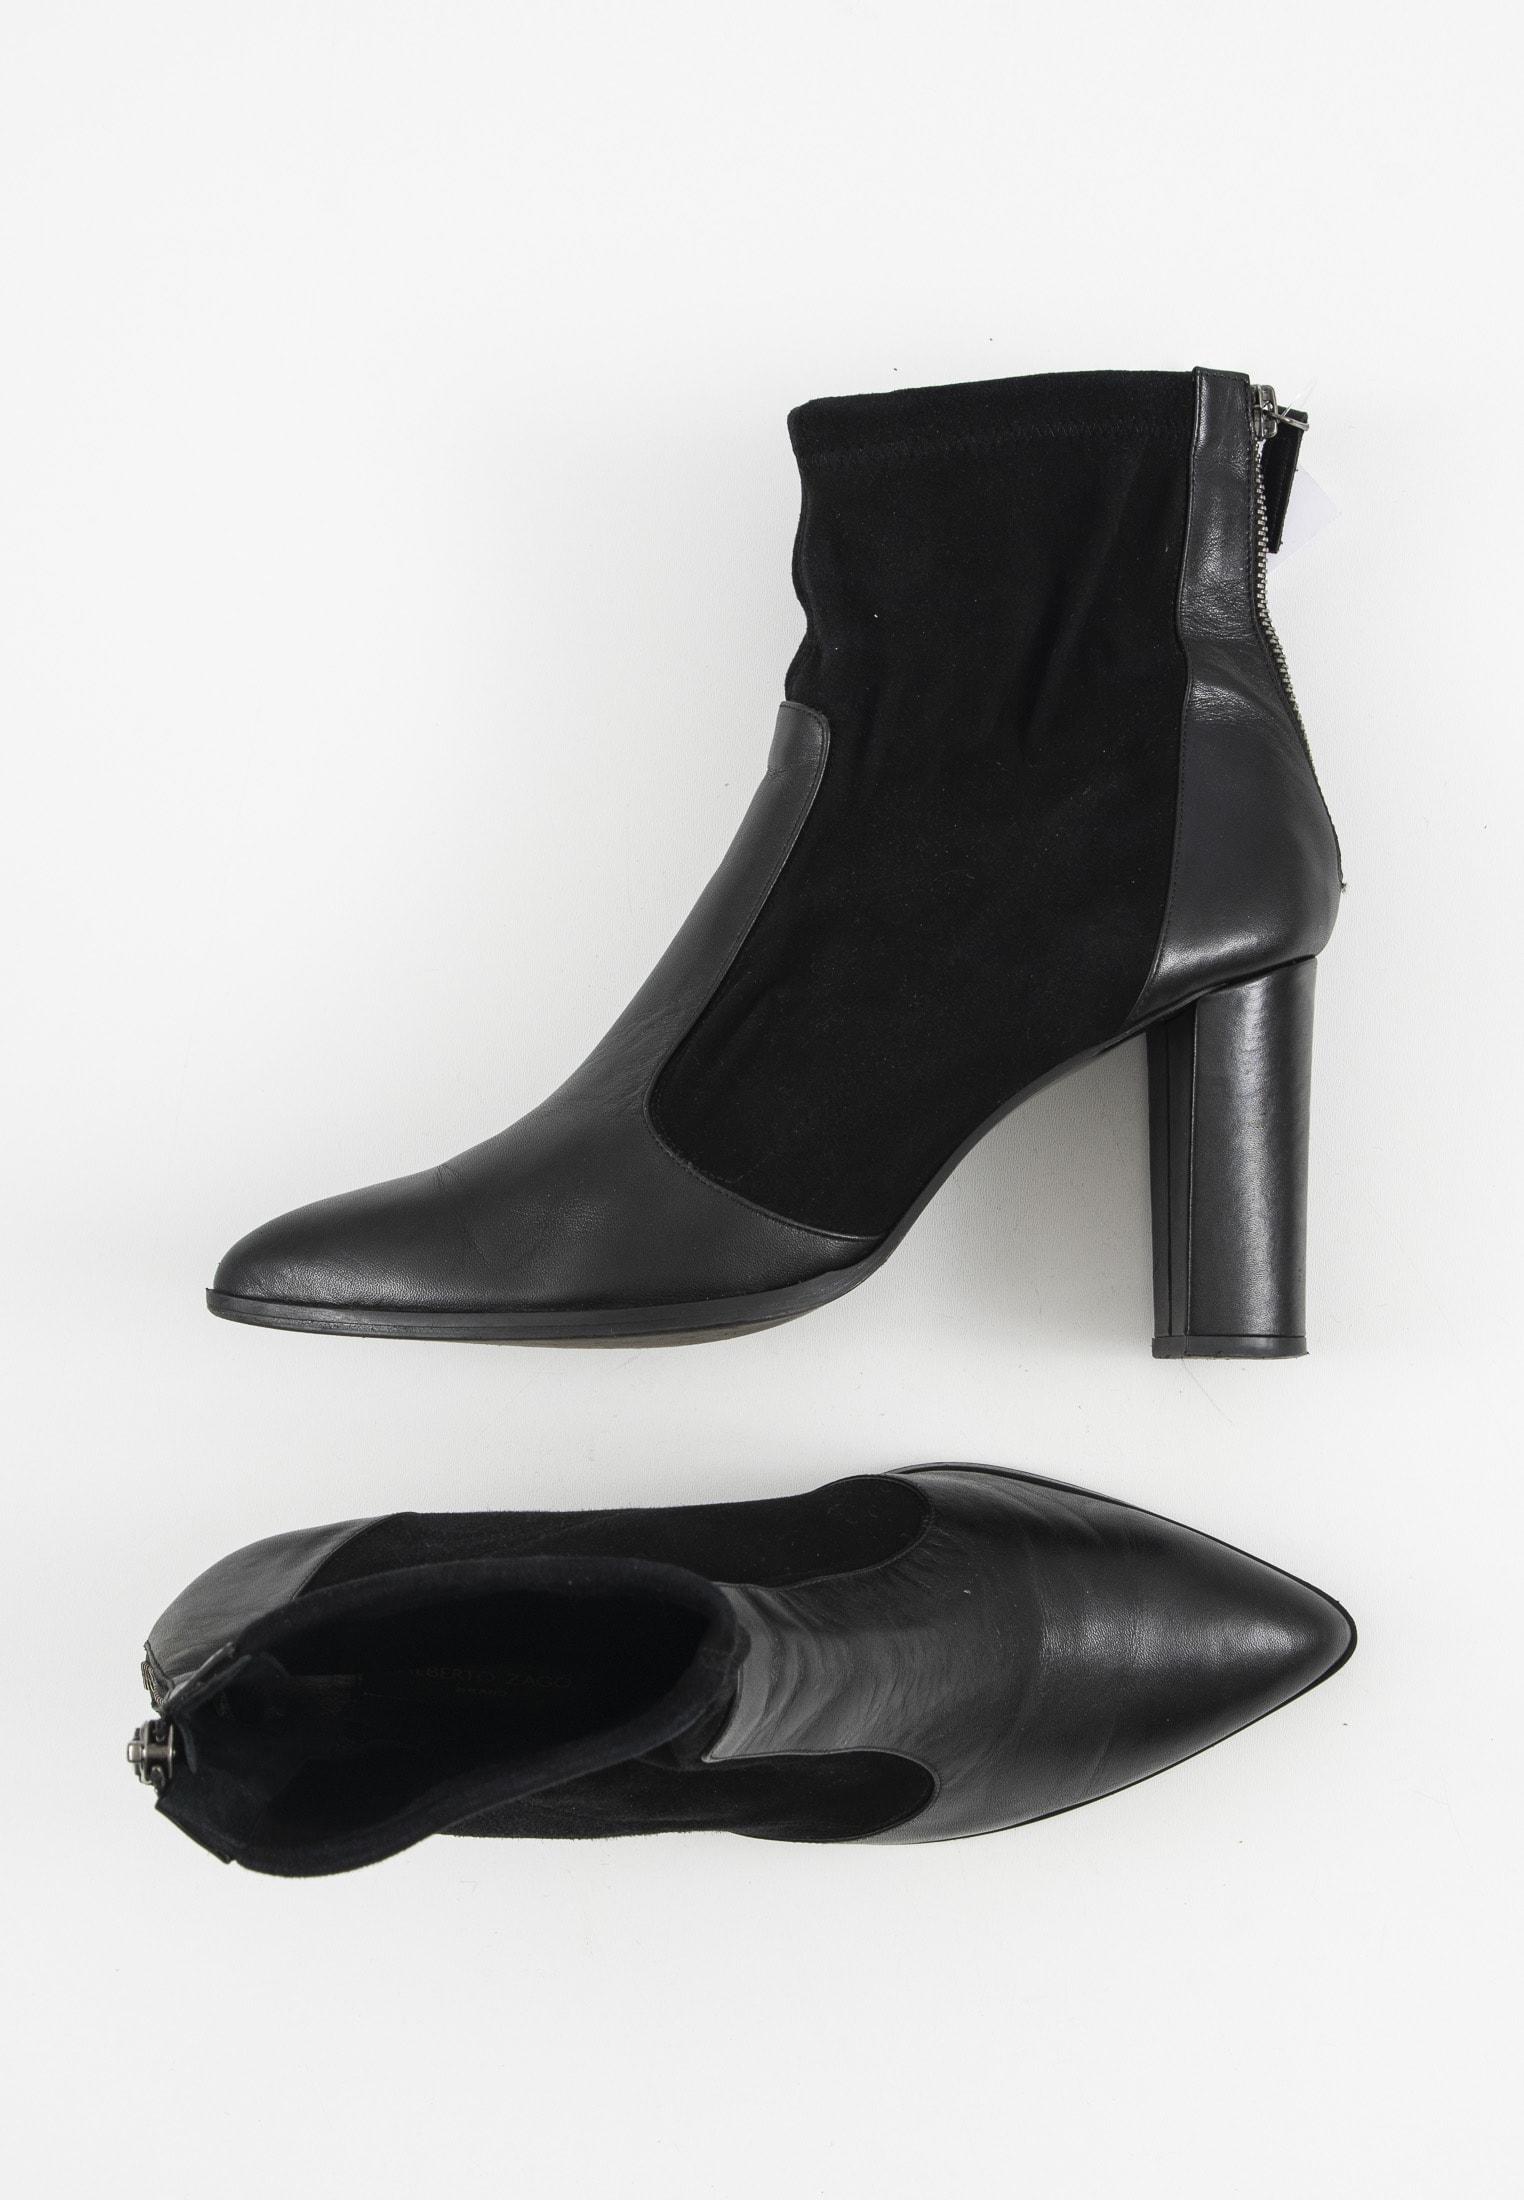 Alberto Zago Stiefel / Stiefelette / Boots Schwarz Gr.42